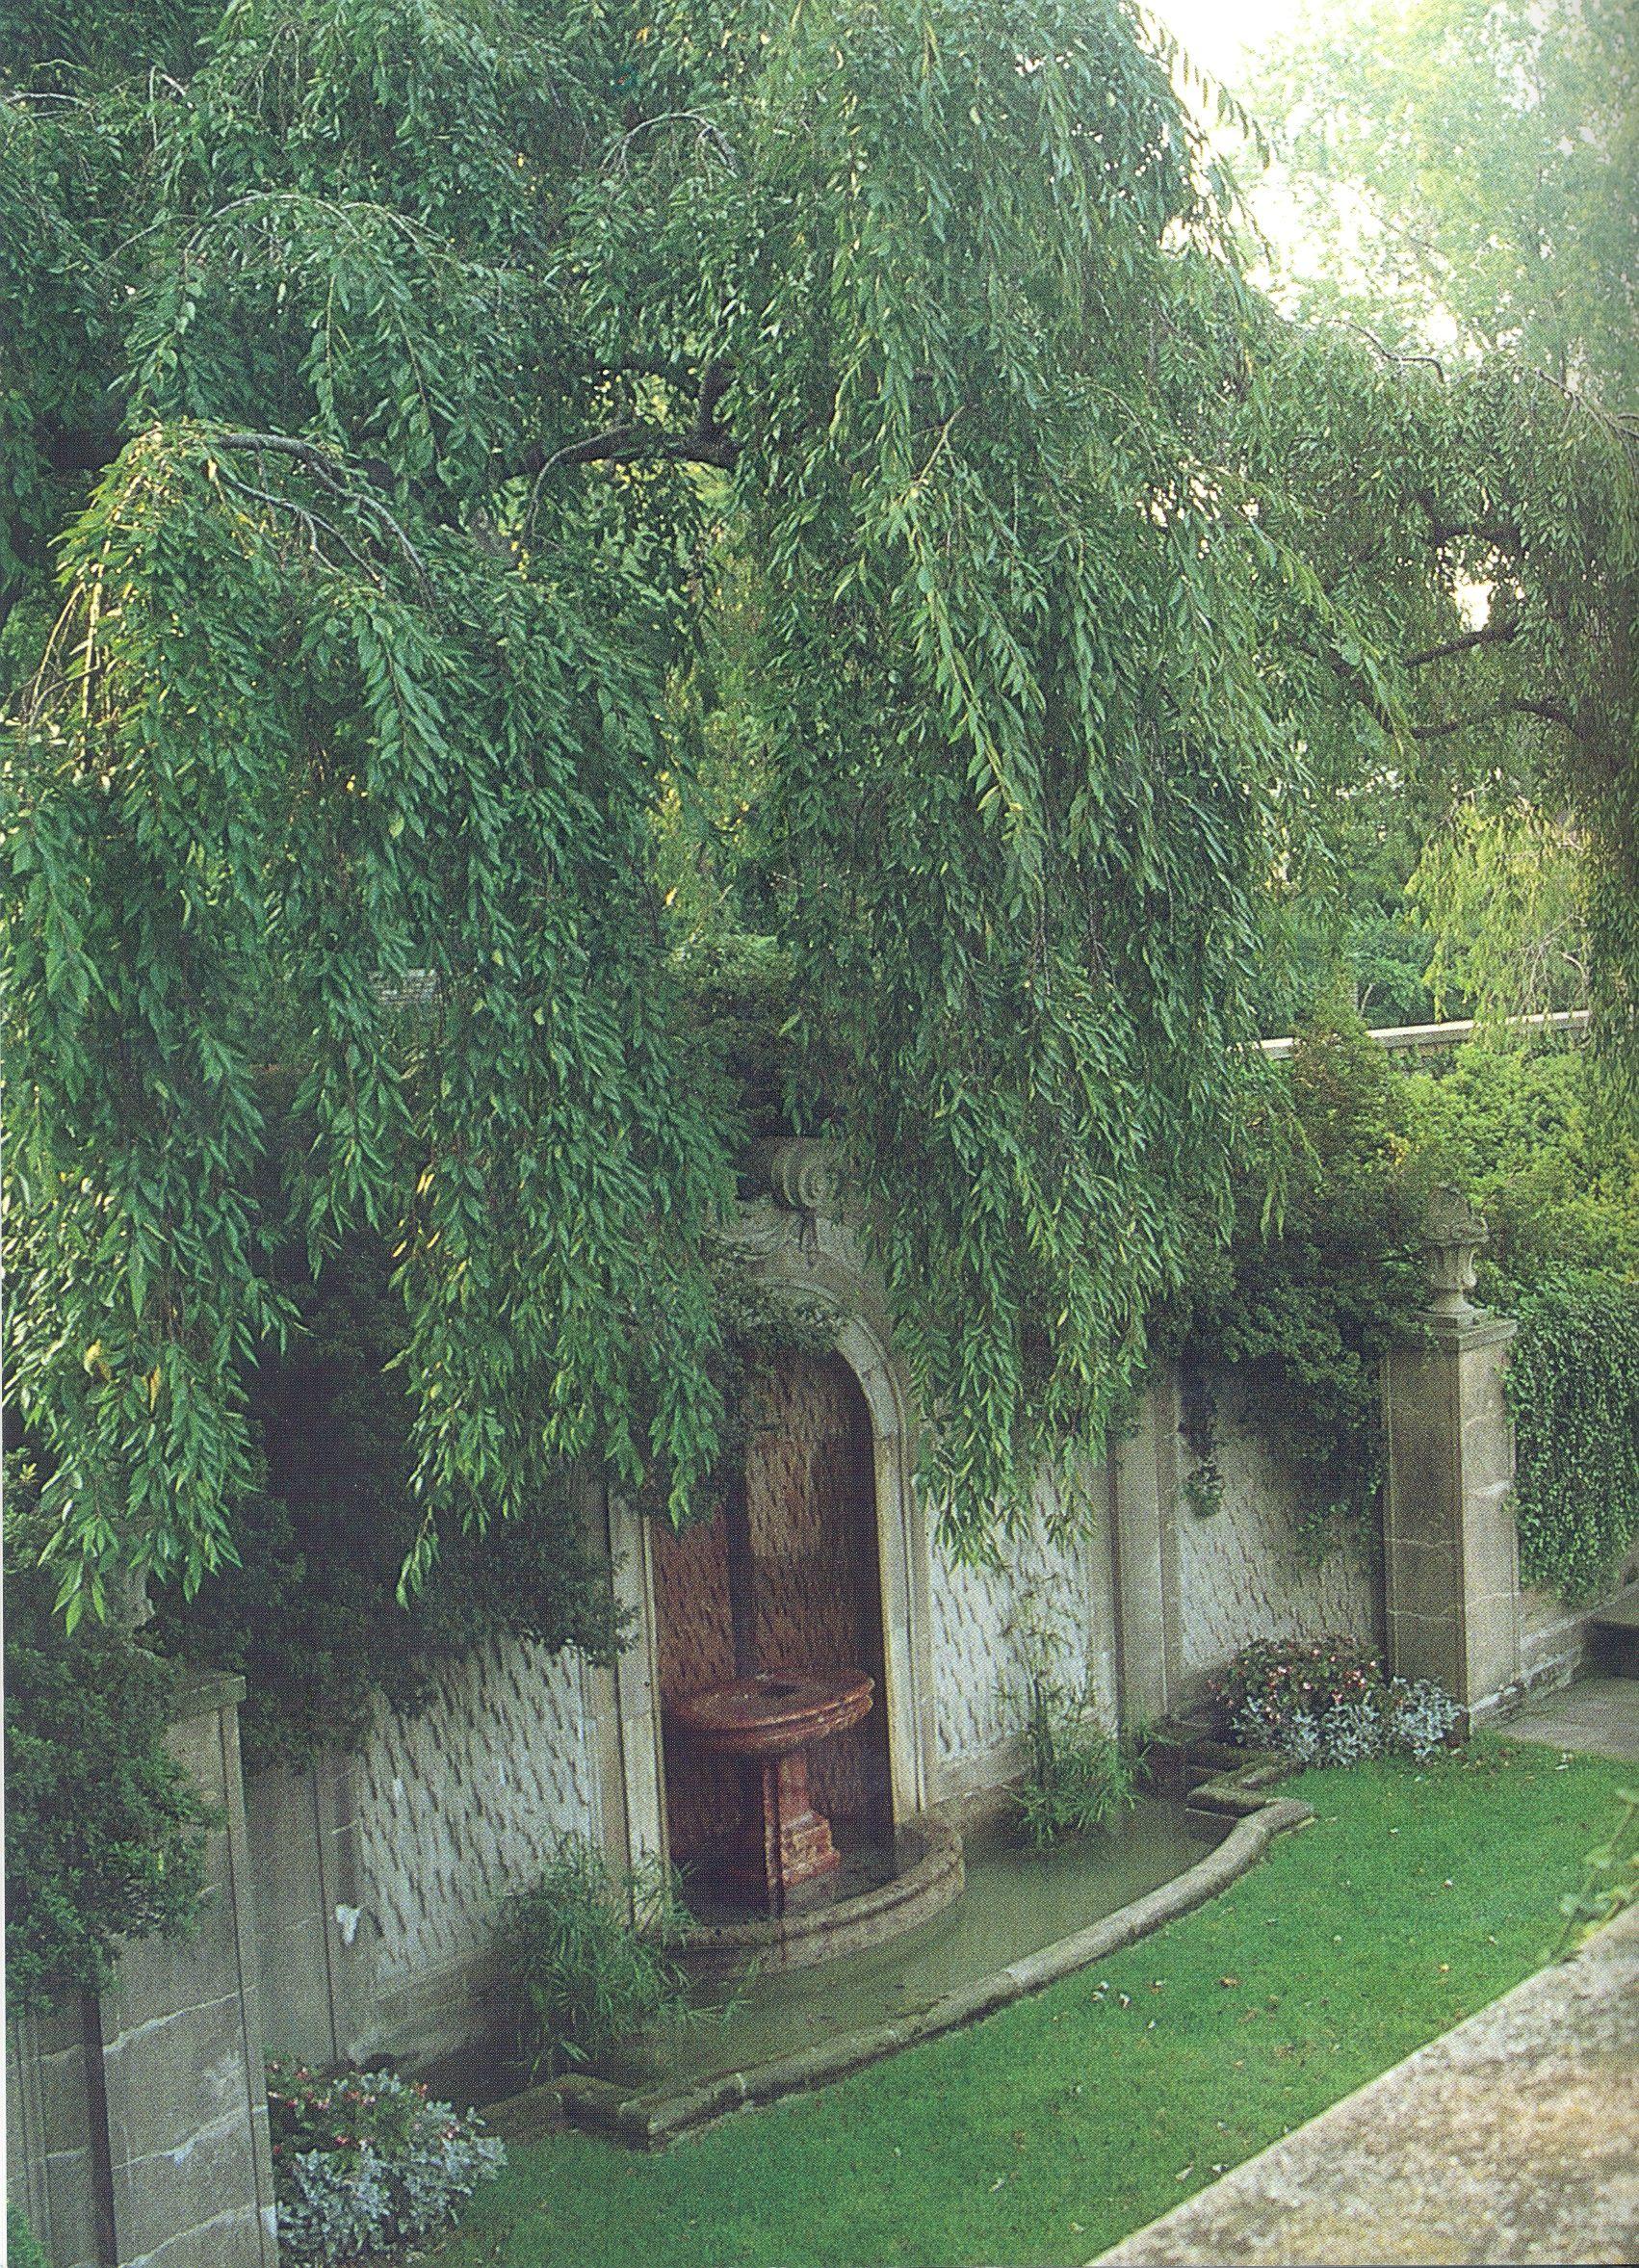 Pingl par sandy jakelic sur beautiful gardens pinterest jardins et potager - Le jardin secret streaming ...